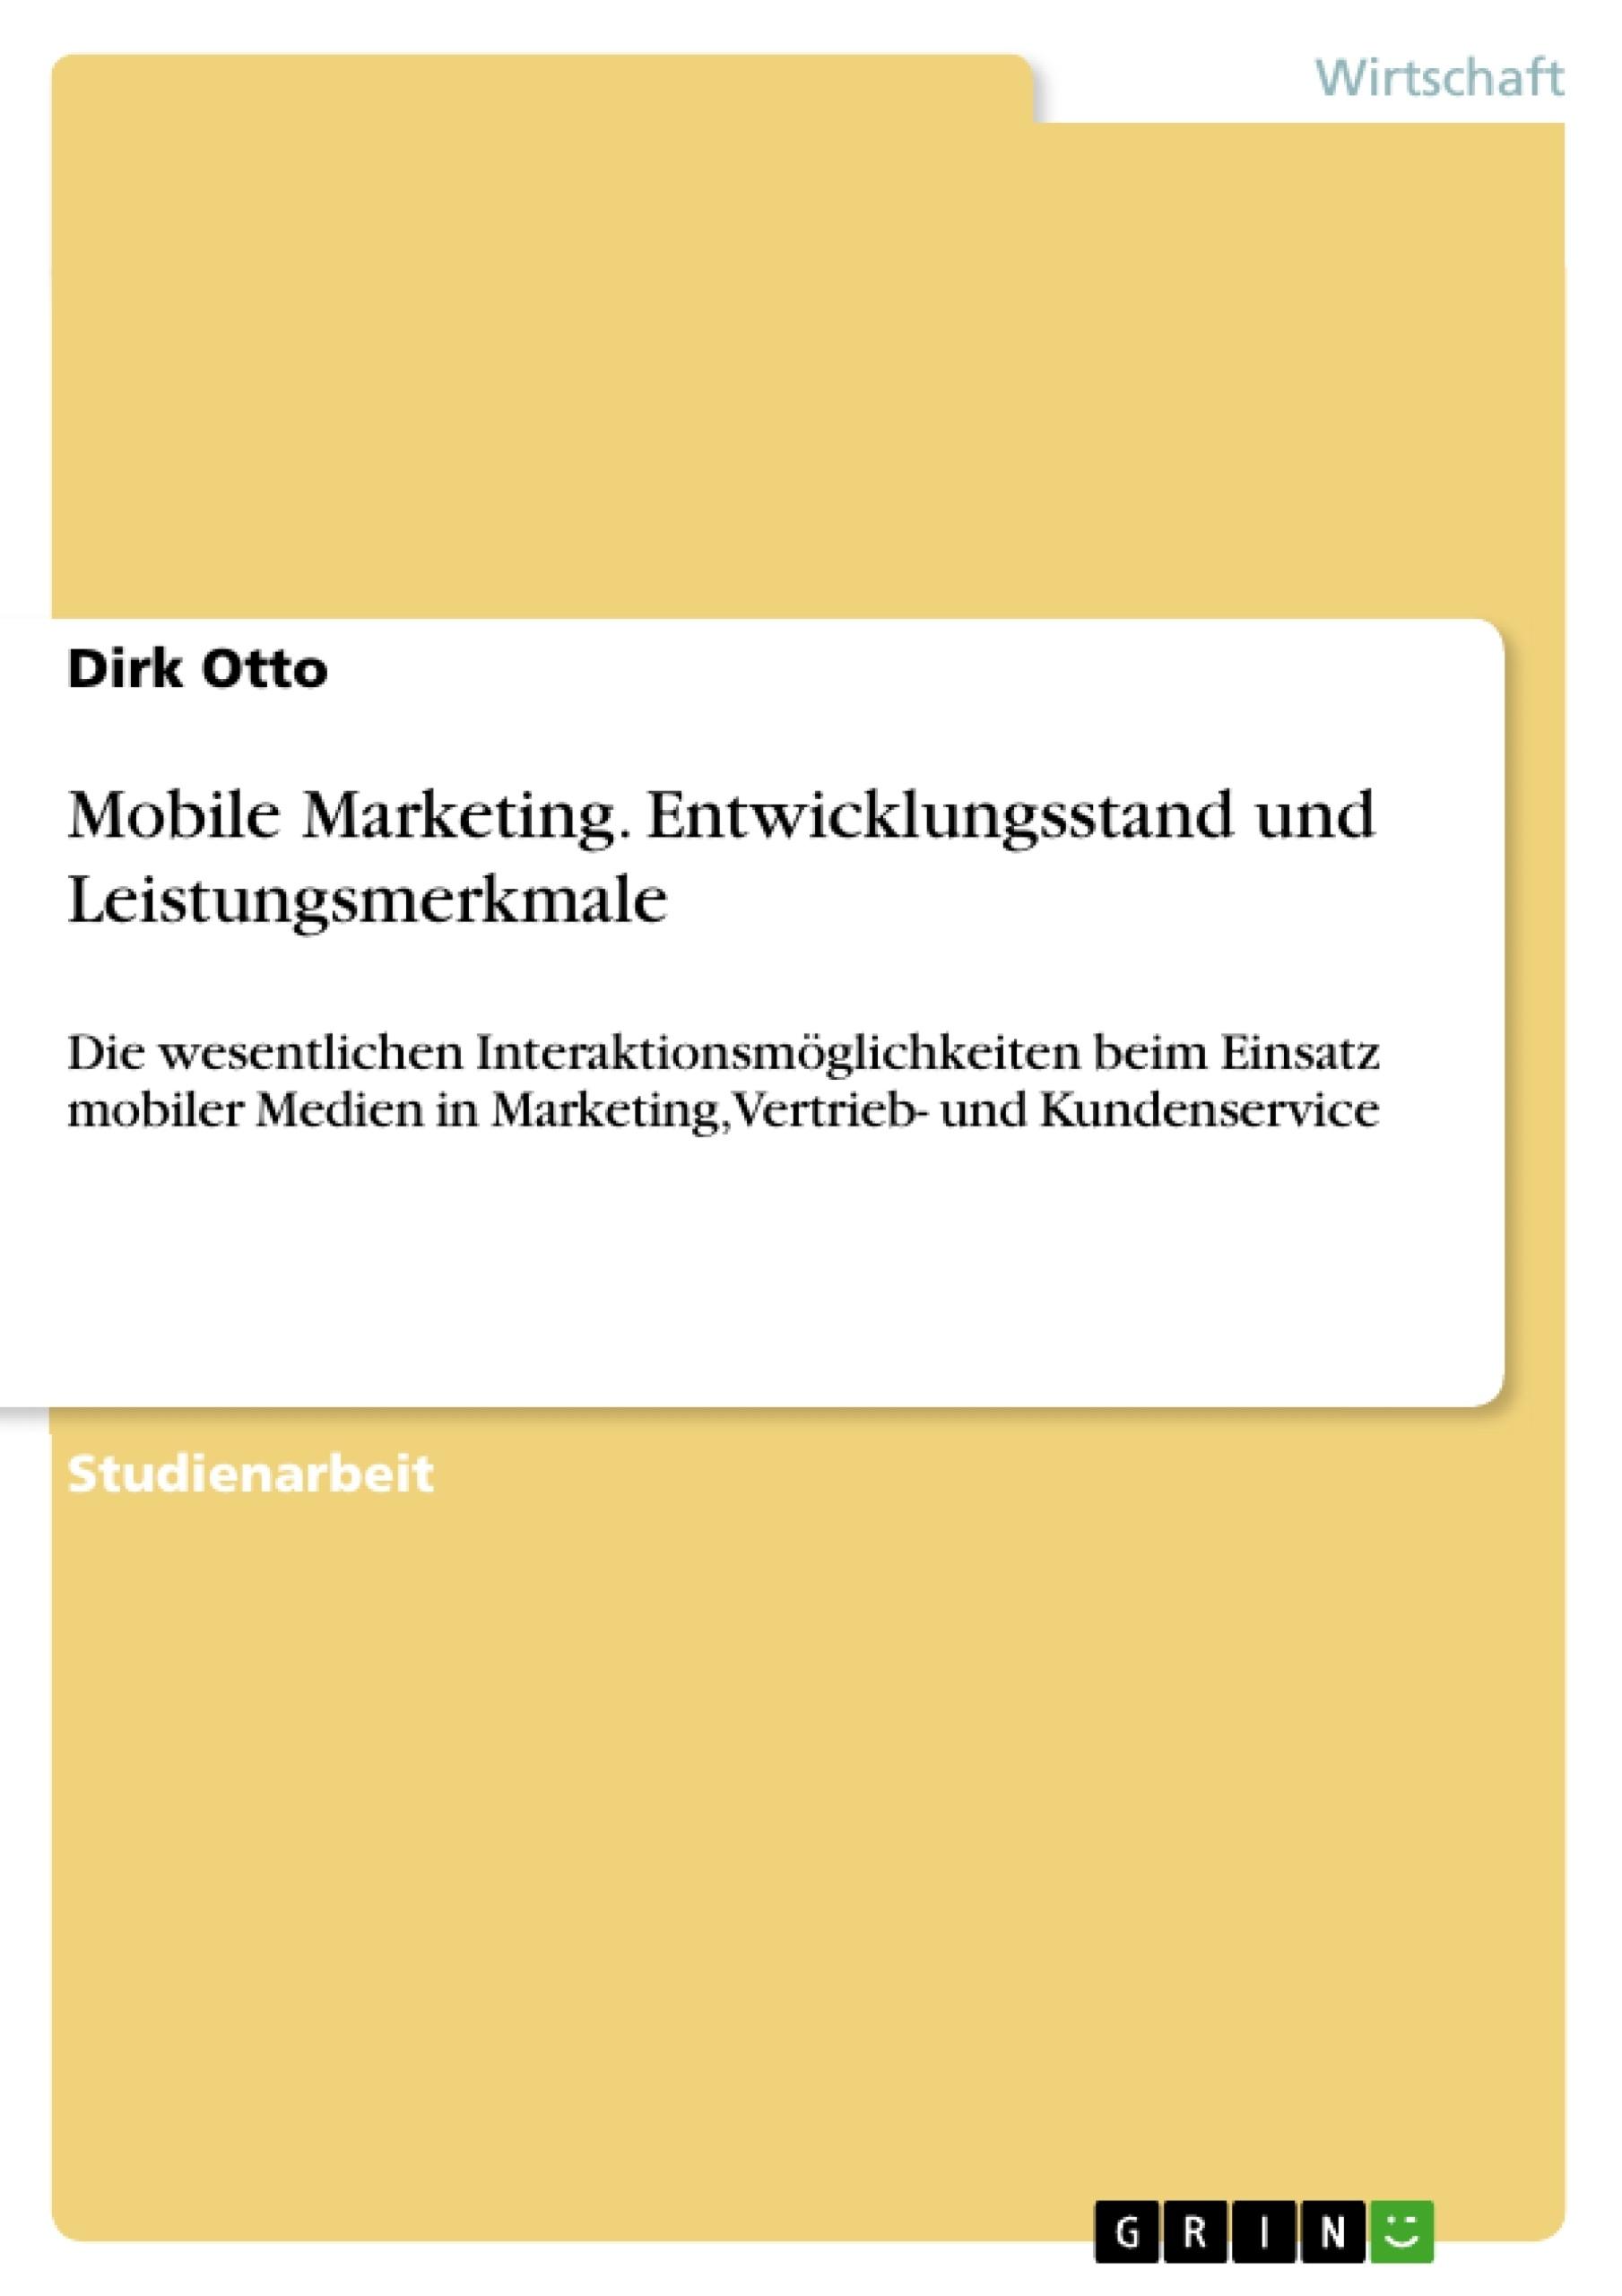 Titel: Mobile Marketing. Entwicklungsstand und Leistungsmerkmale